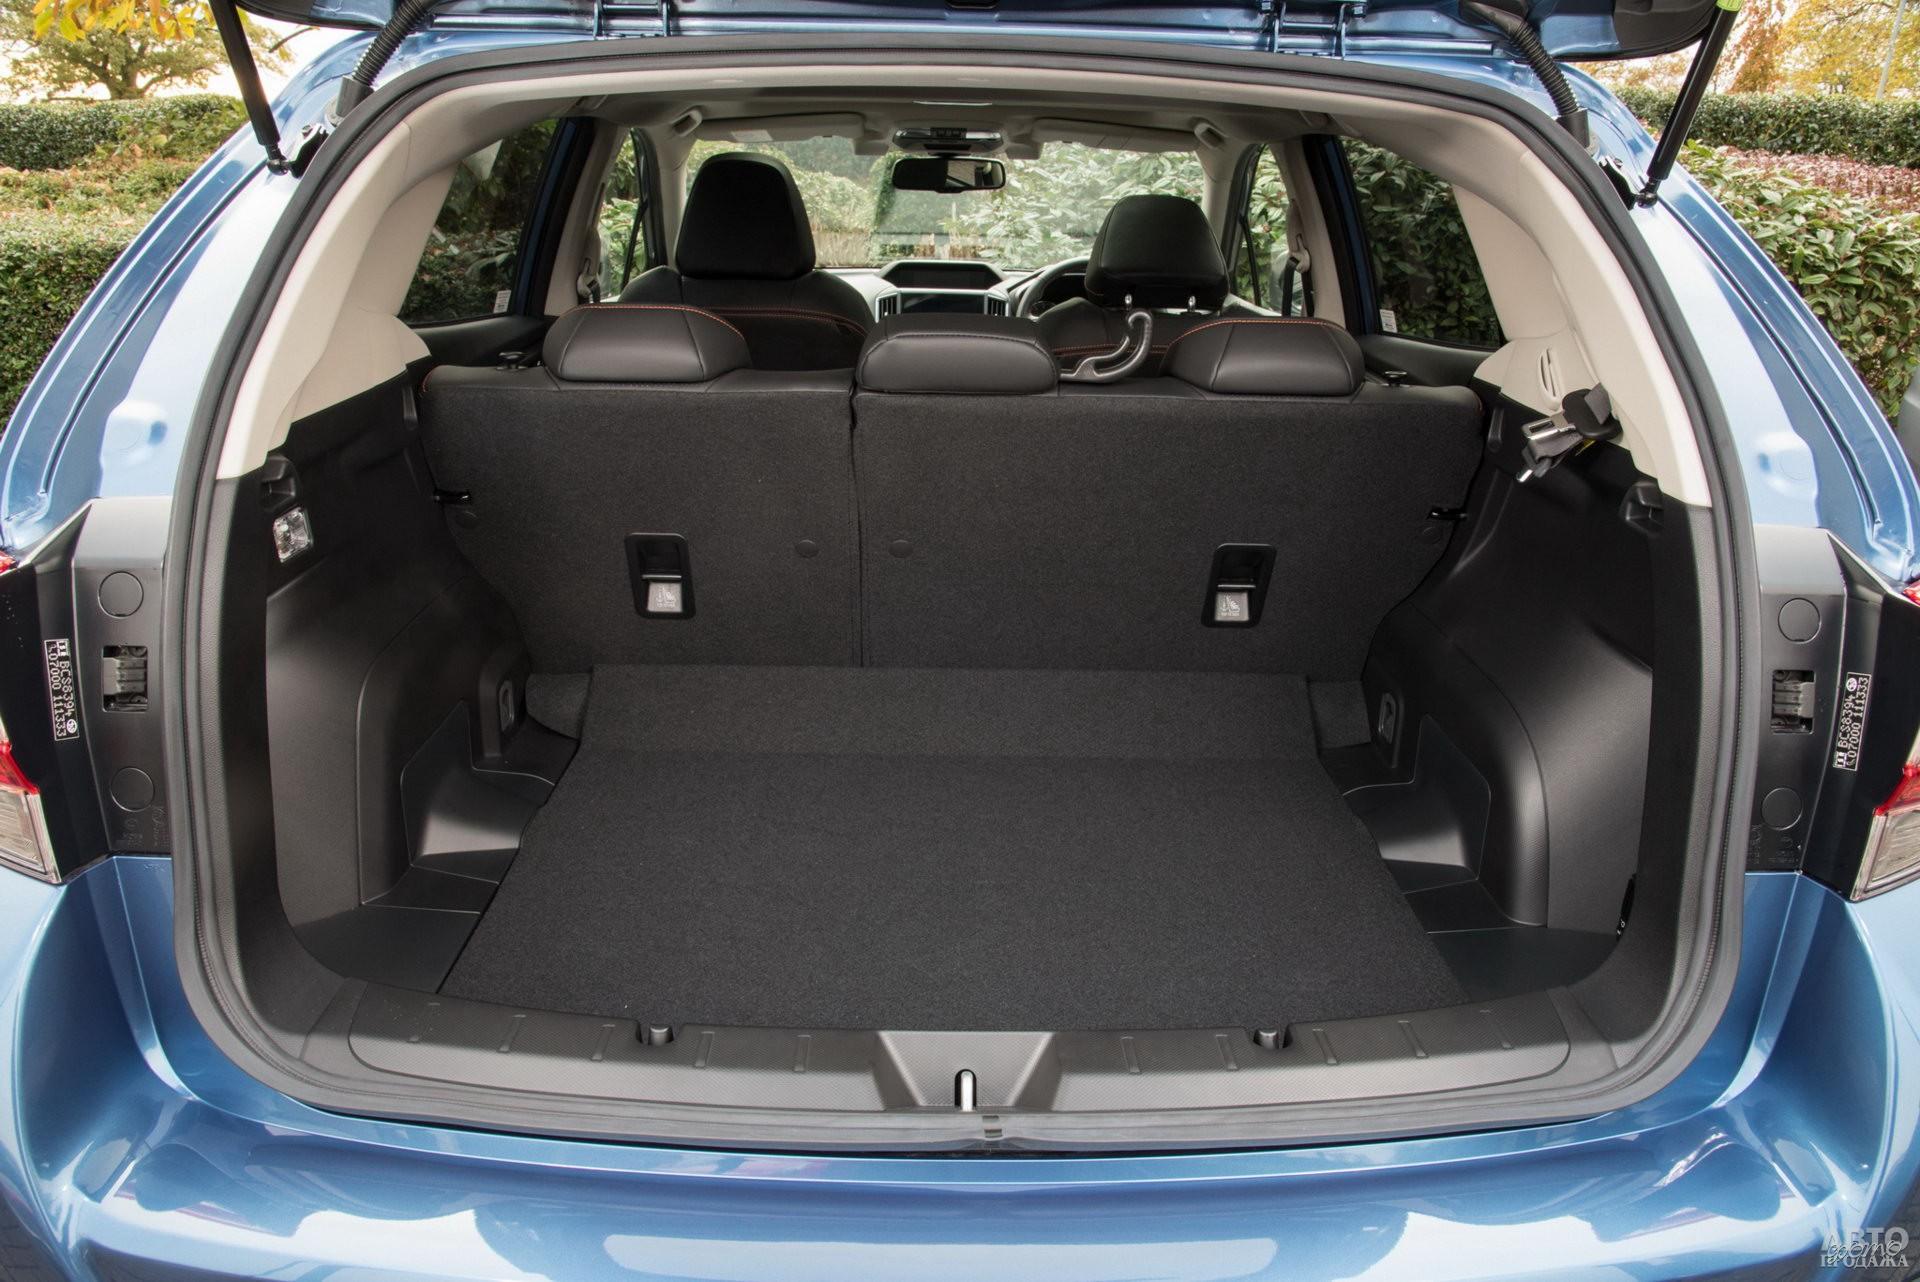 У Subaru в распоряжении – 385 л